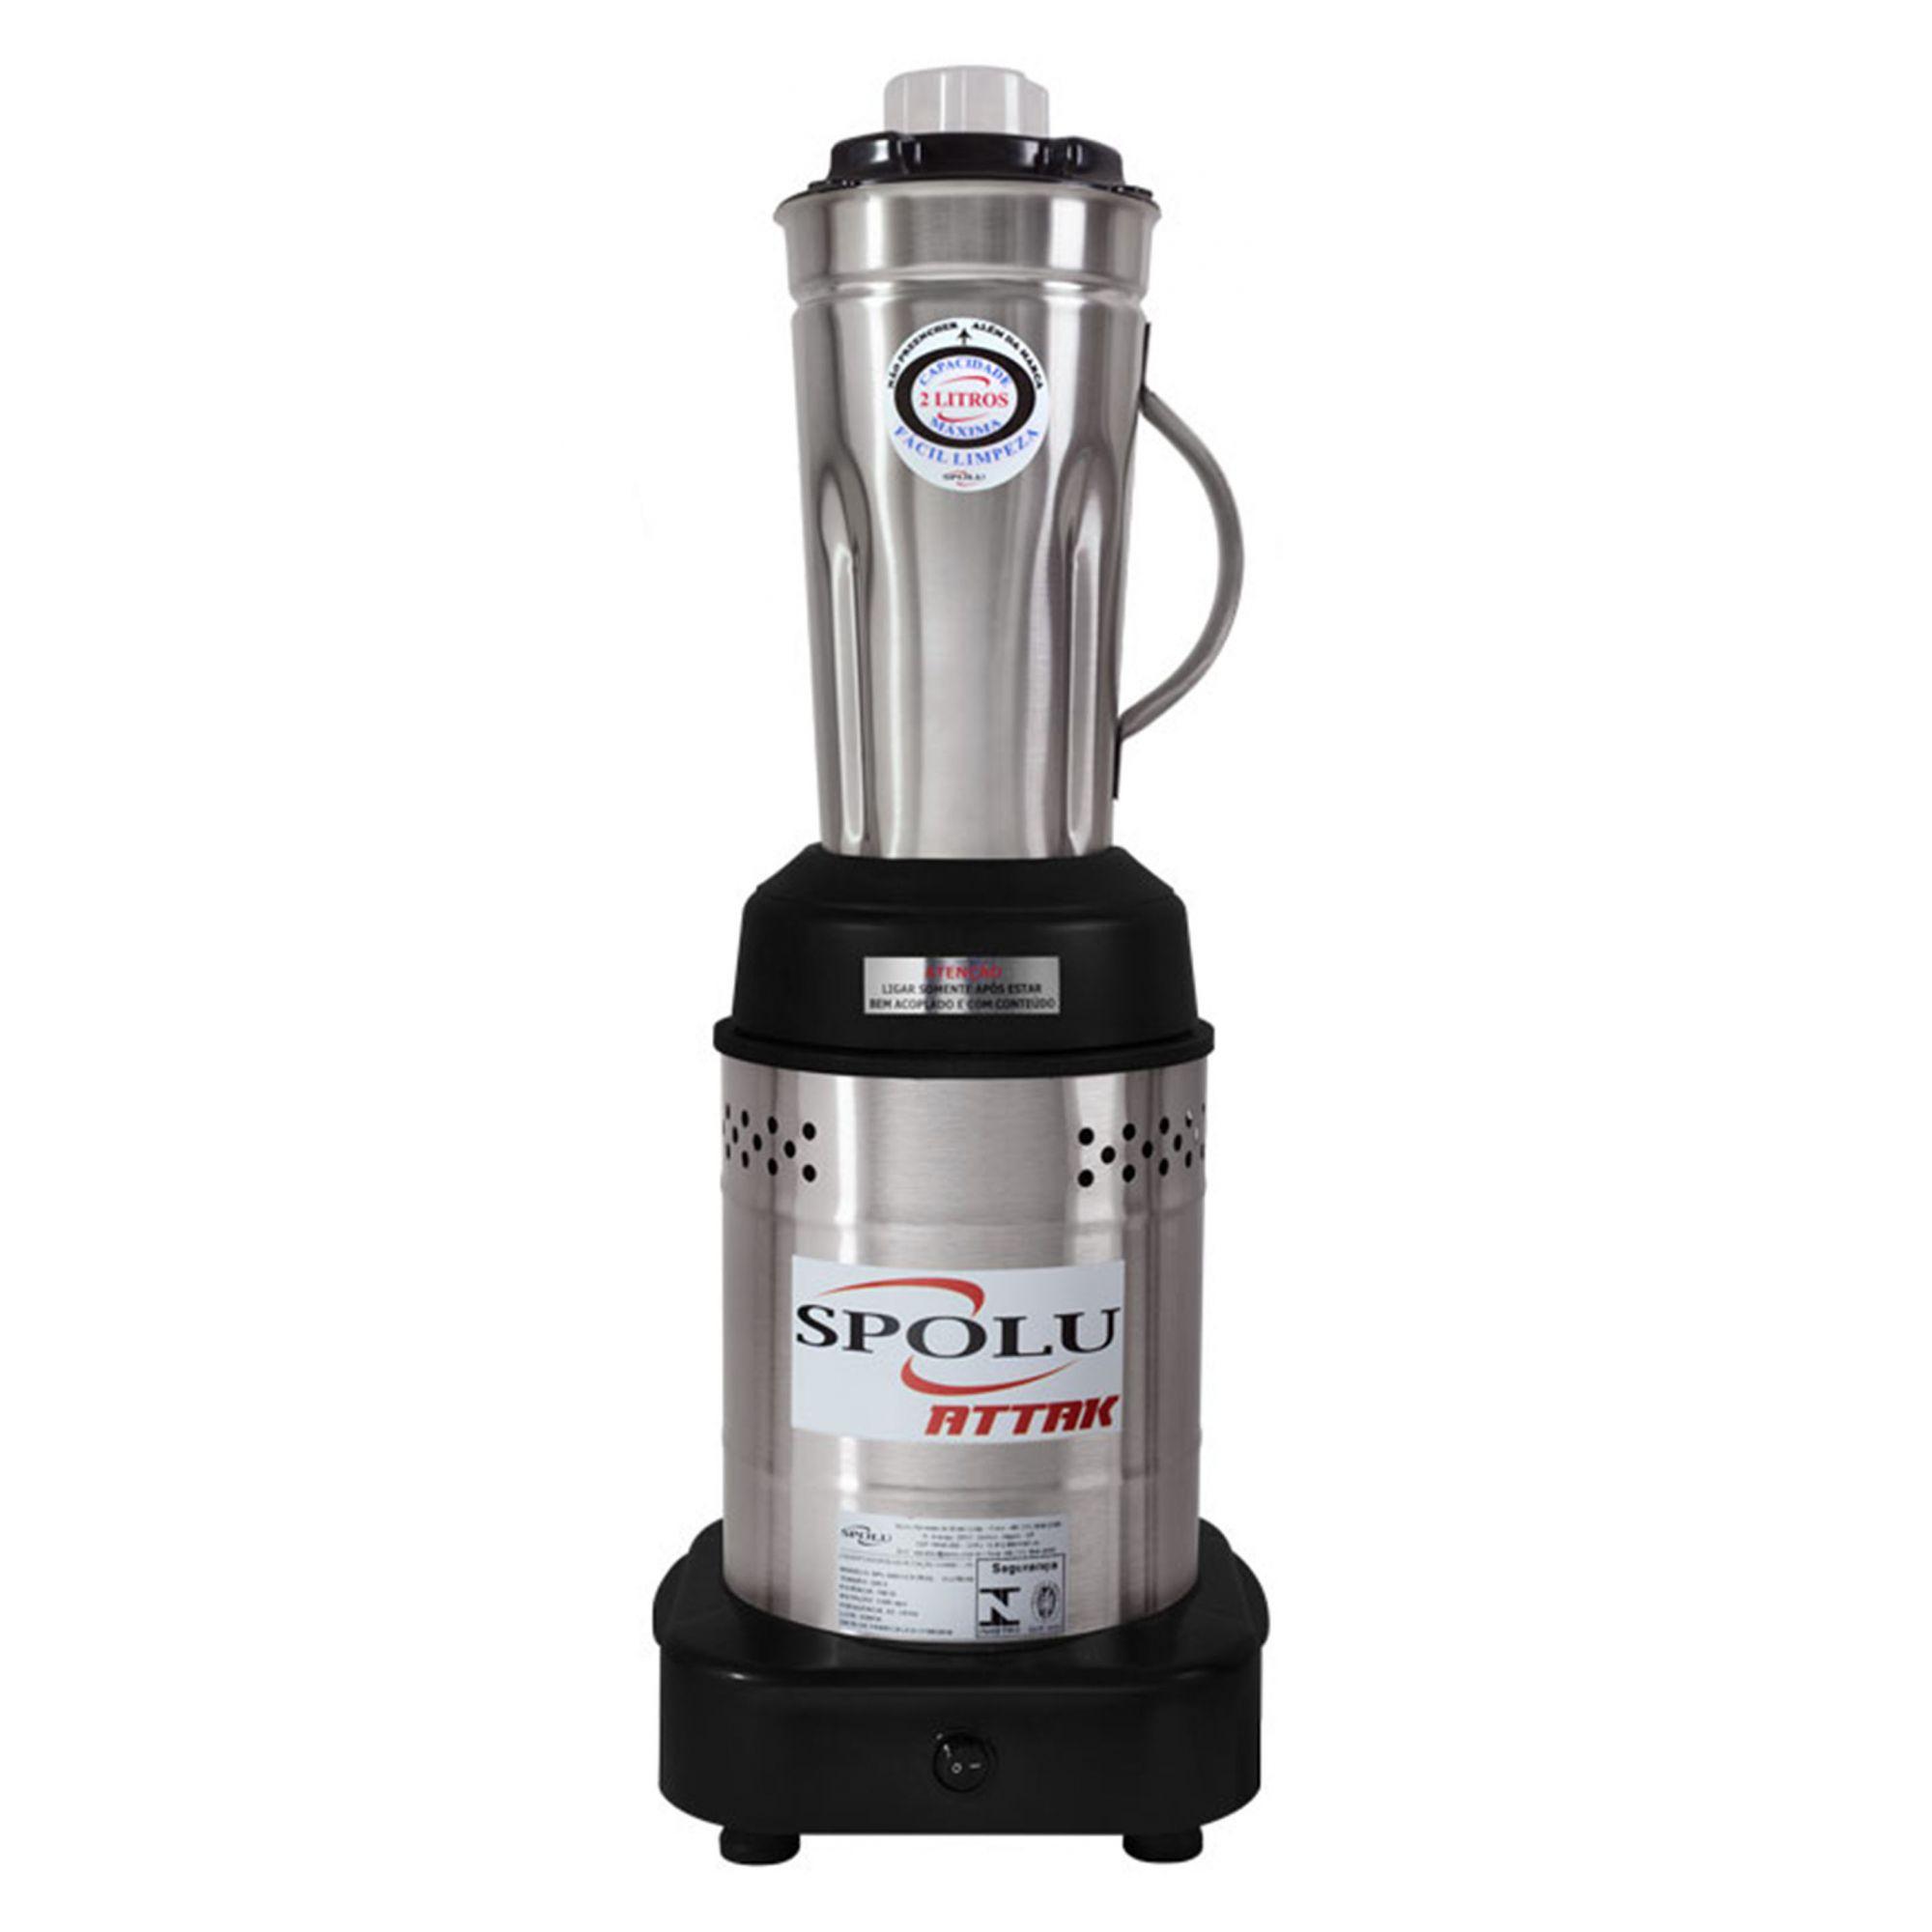 Liquidificador Industrial Attak 2 Litros Baixa Rotação Inox